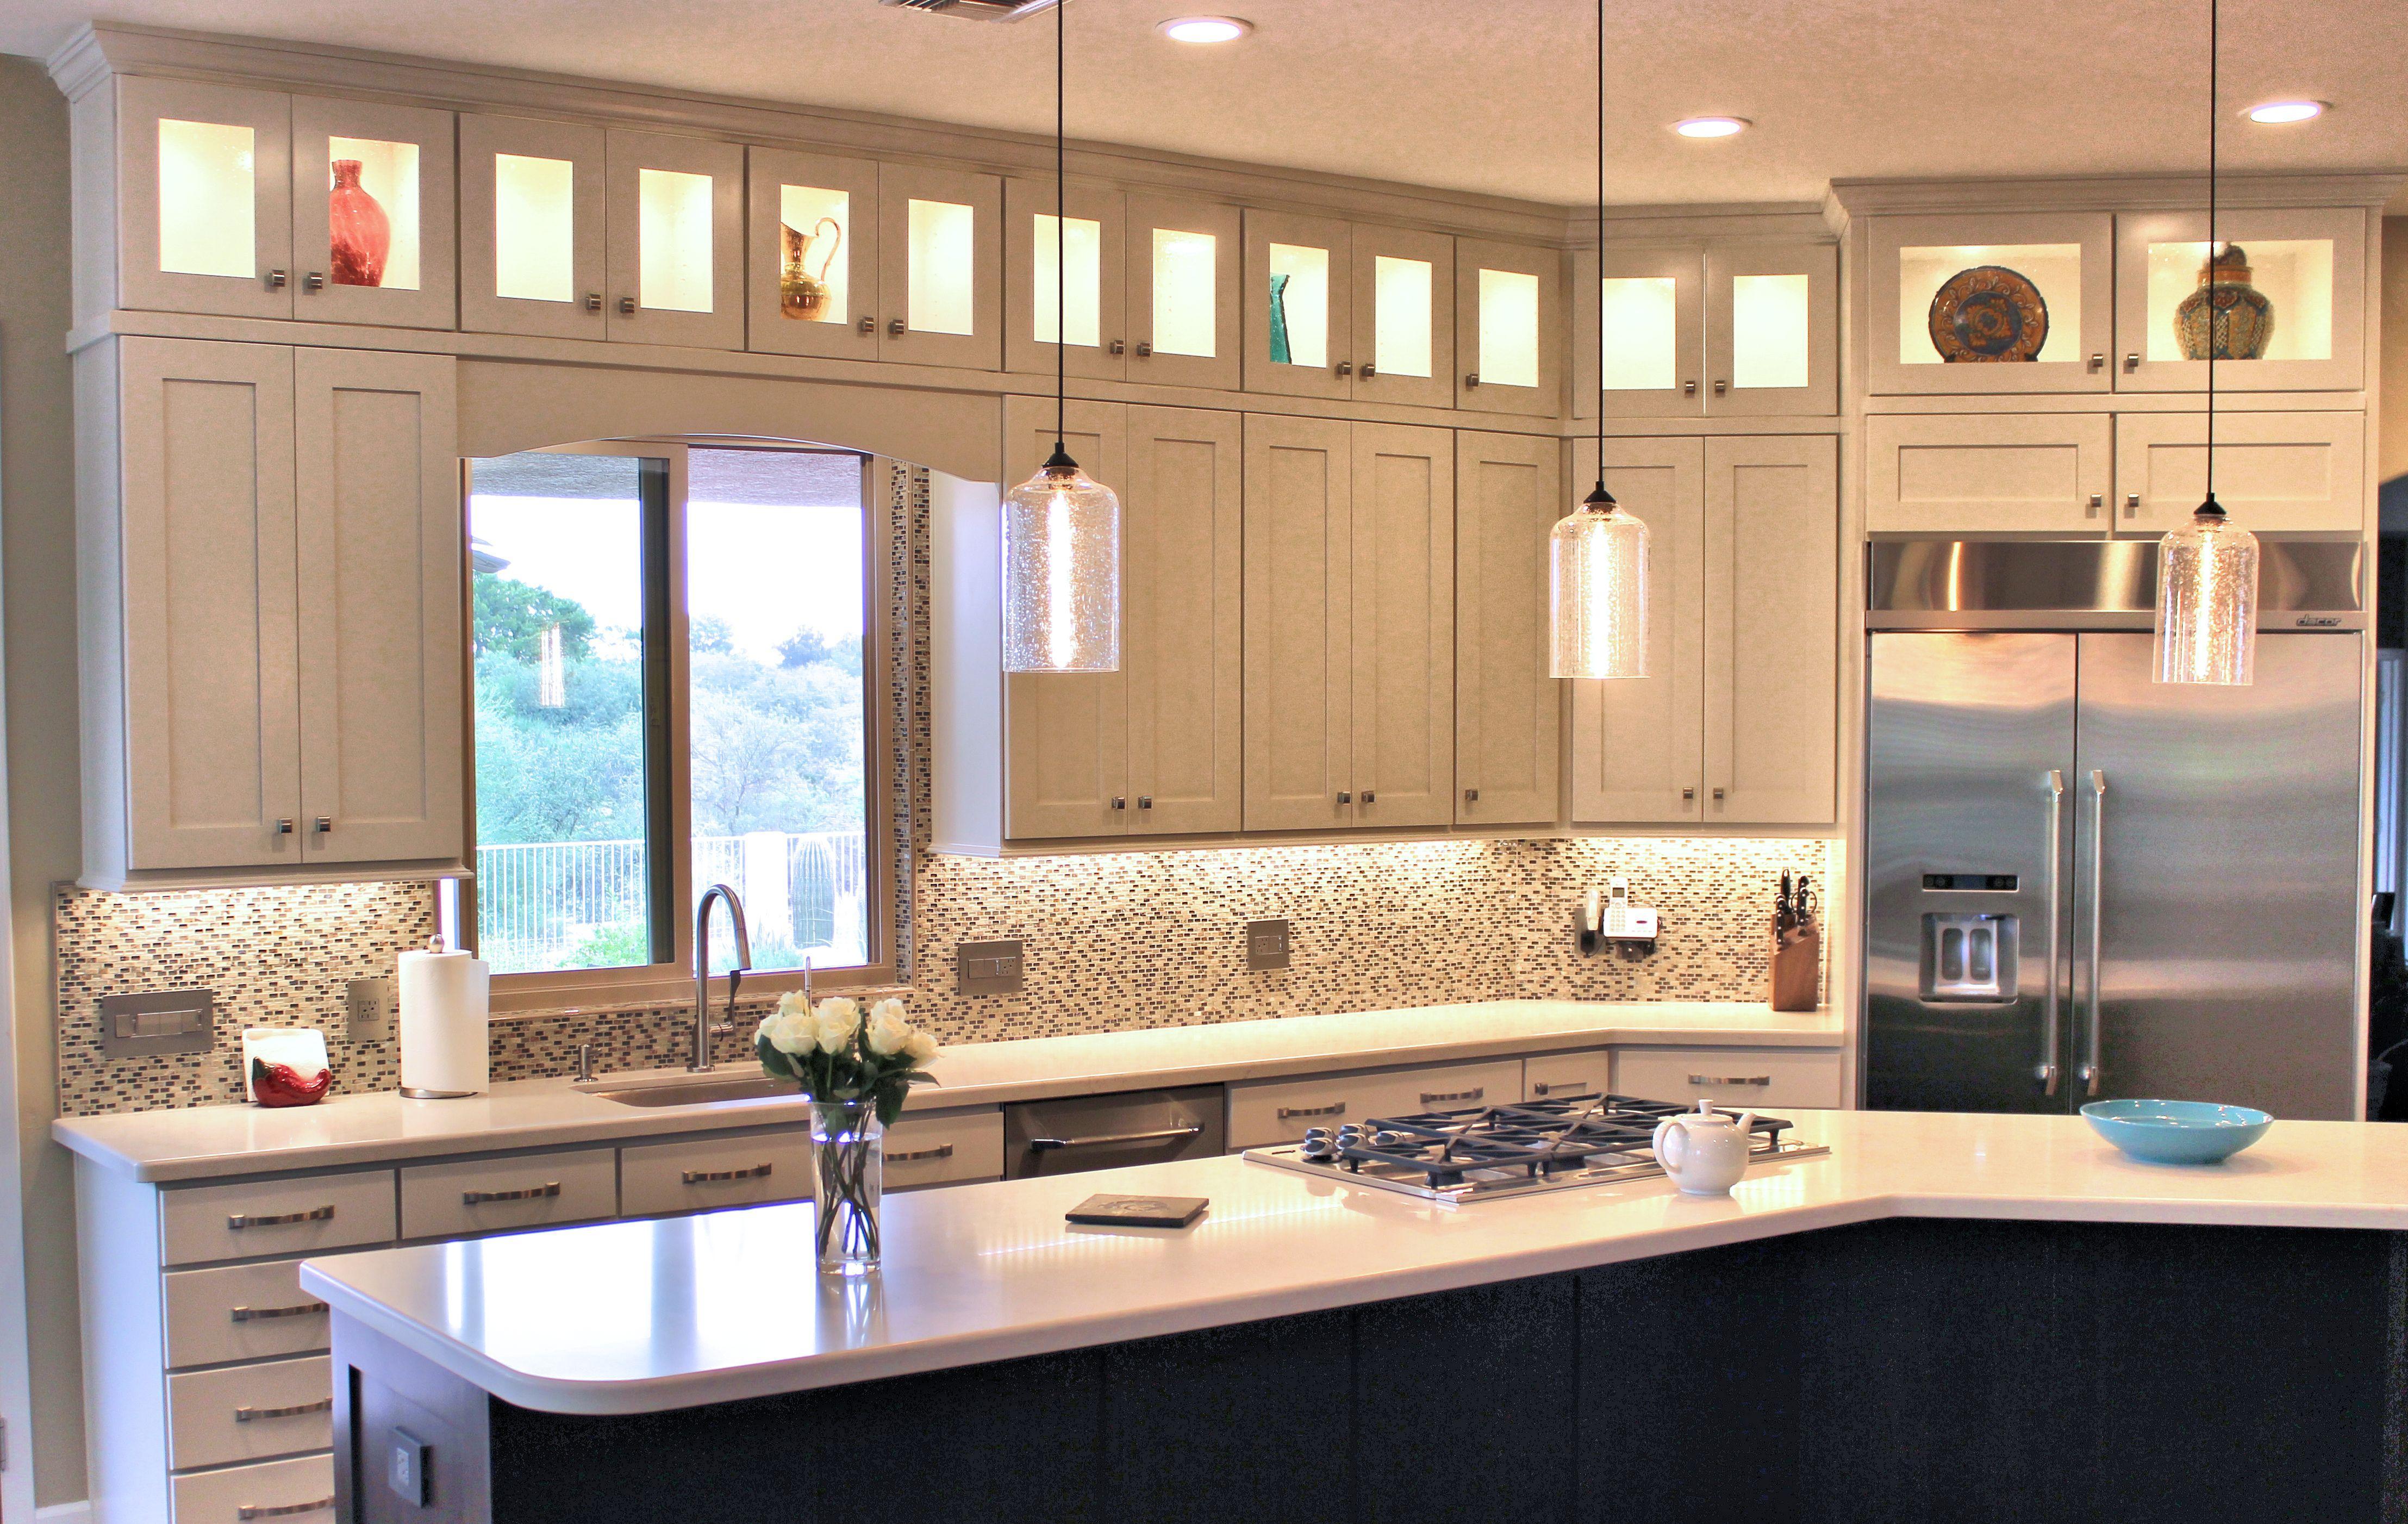 Kitchen Concepts image 7